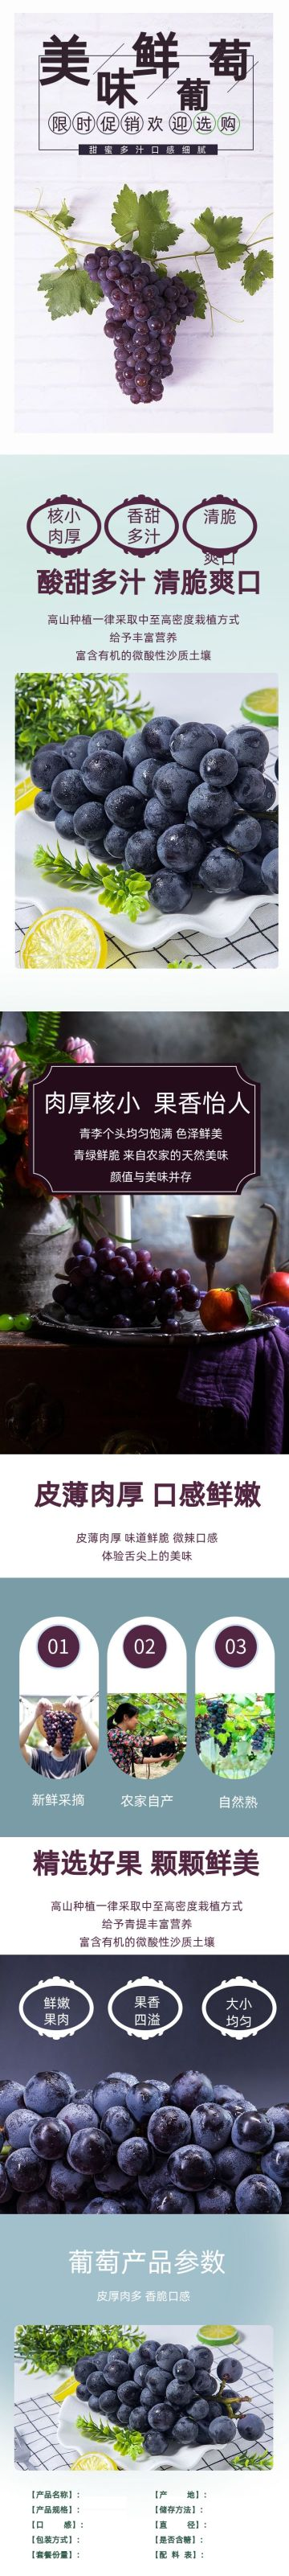 黑色淘宝电商小清新水果类葡萄详情页面